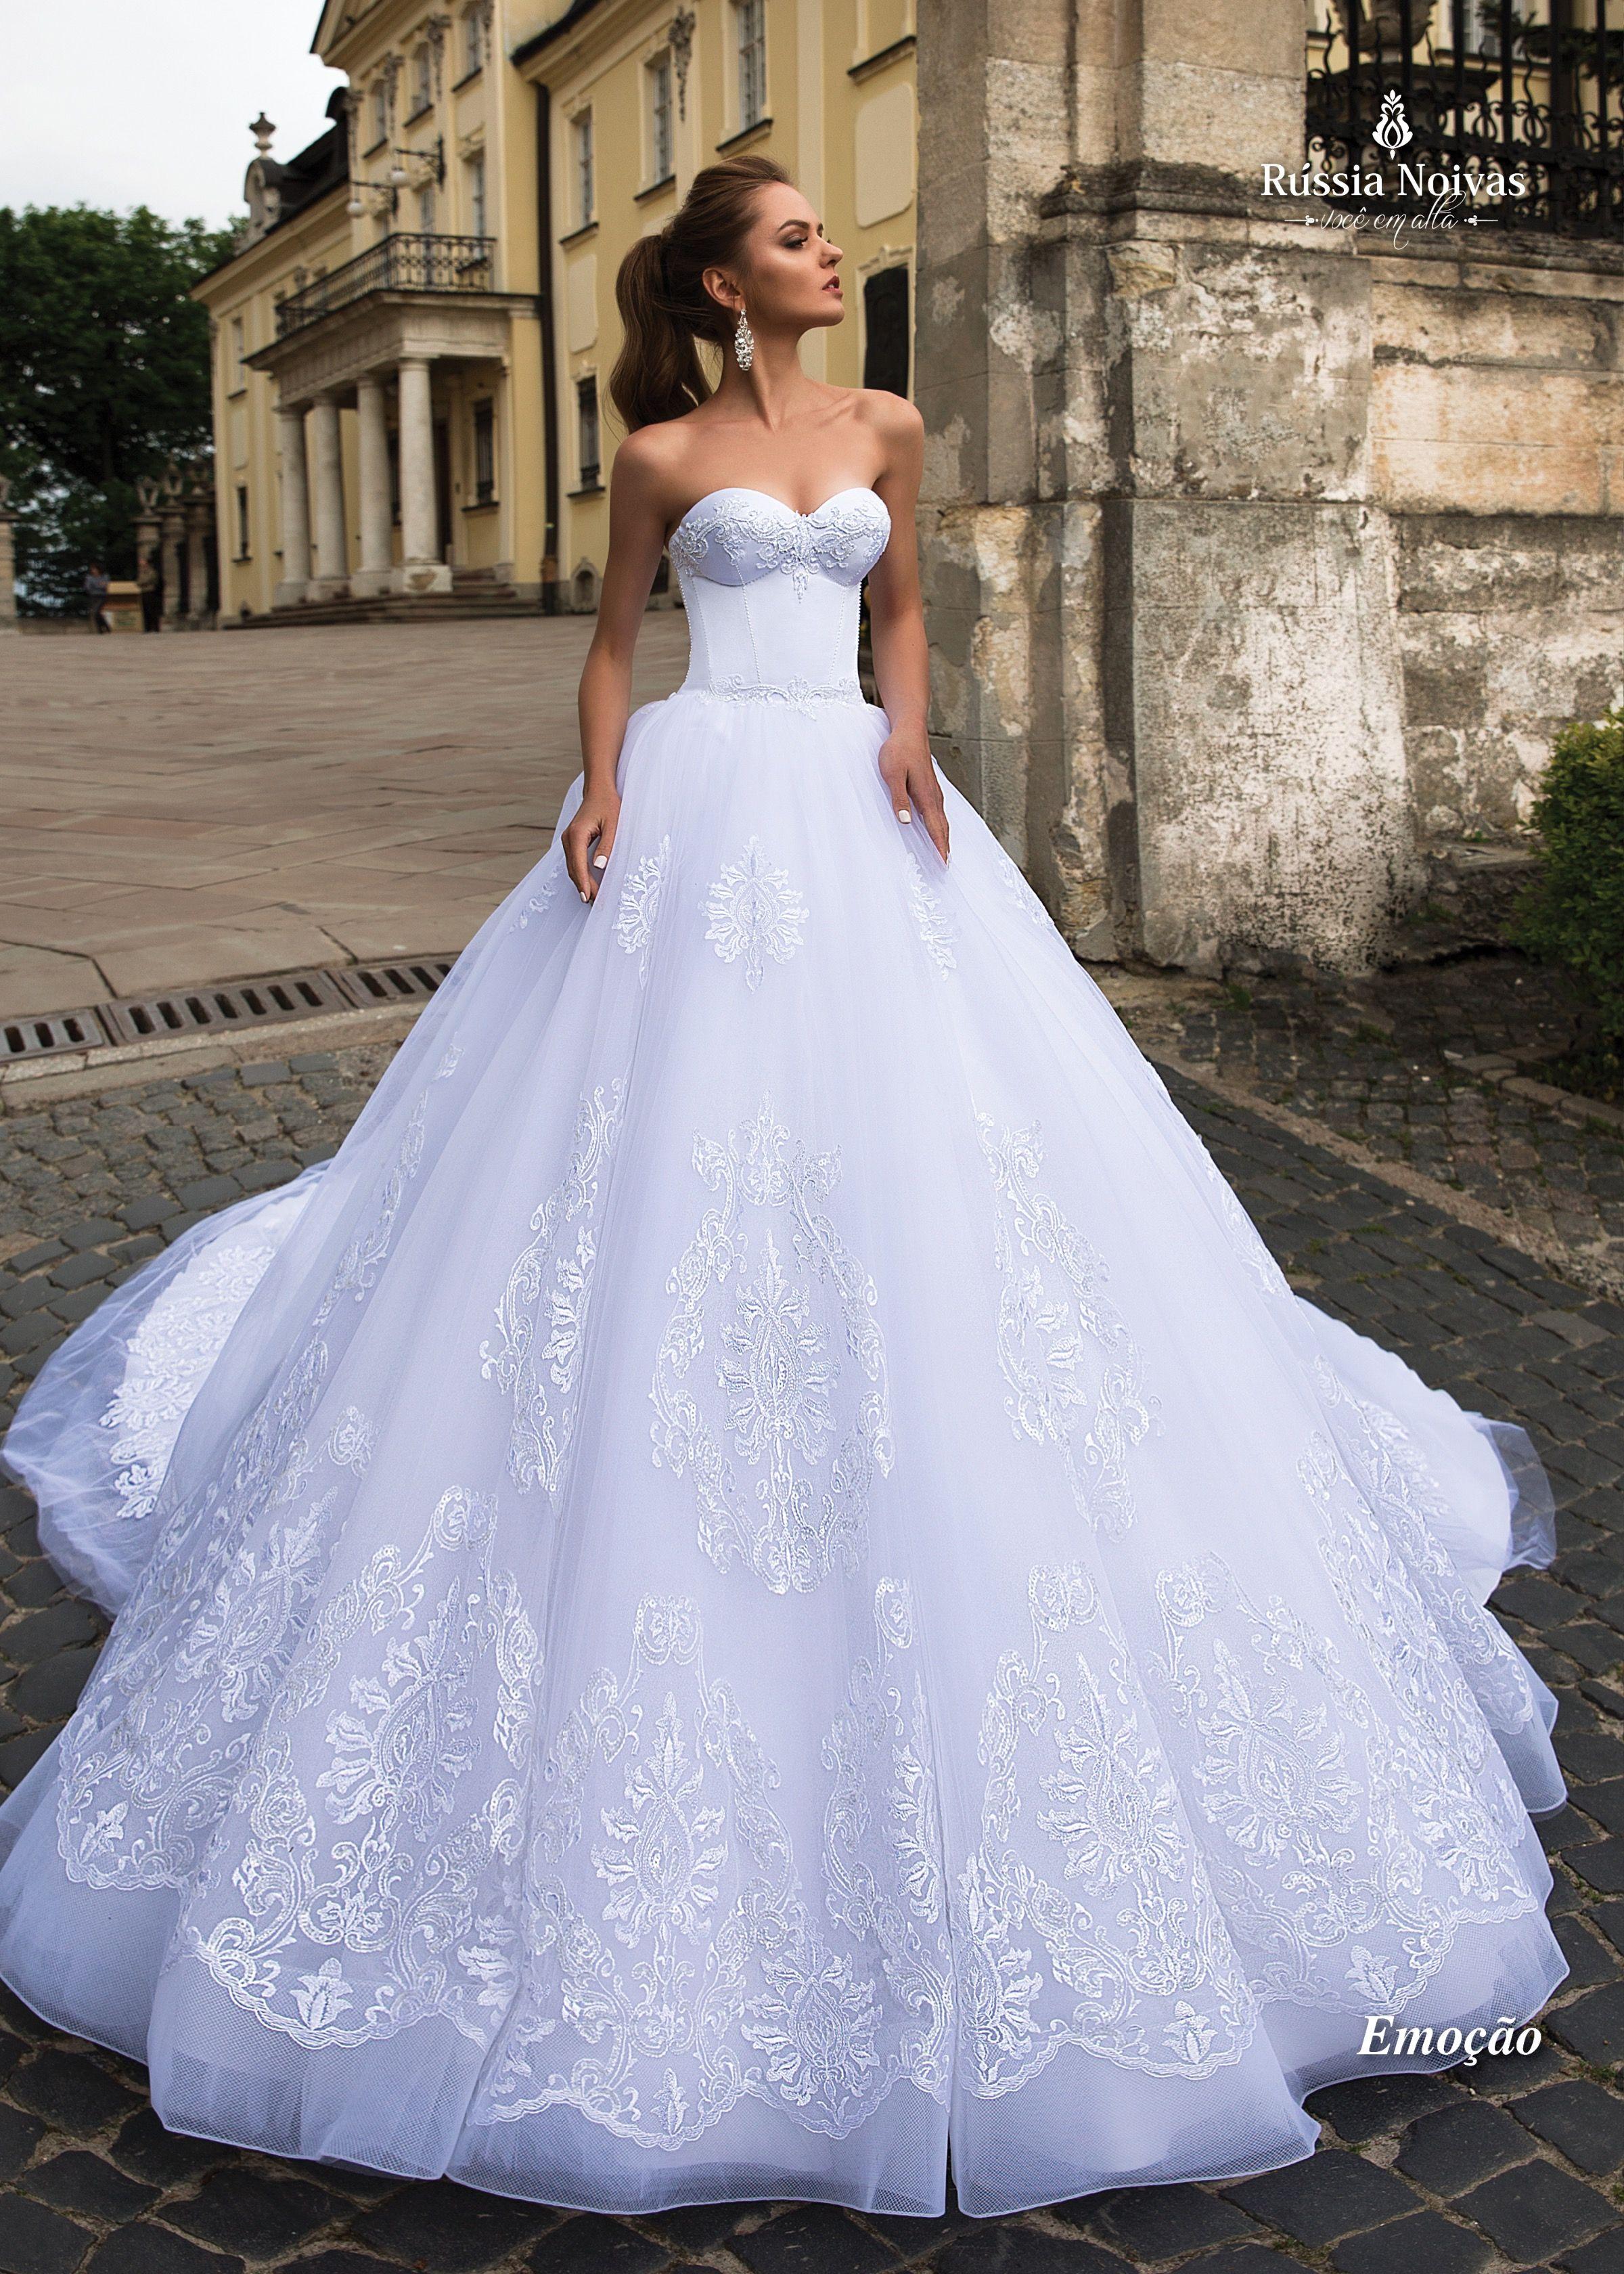 Vestido de noiva emoção coleção lago dos cisnes